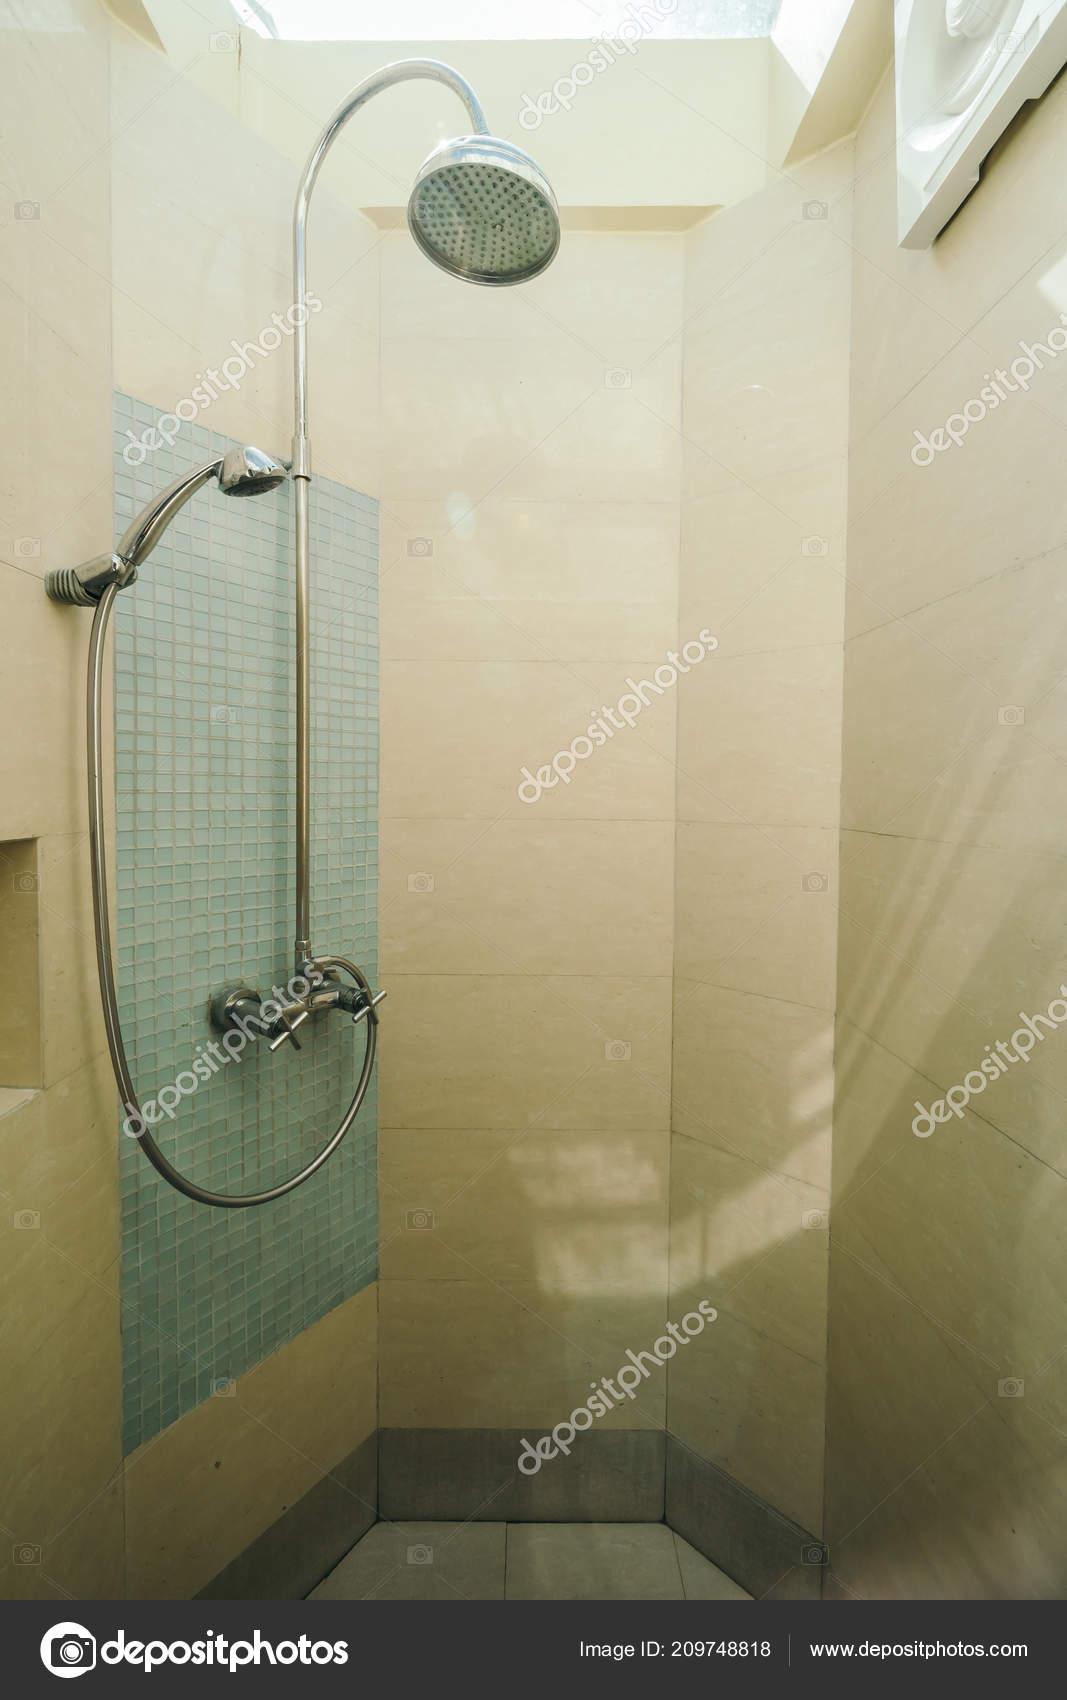 Ducha Aire Libre Cuarto Baño Decoración Interior — Foto de ...